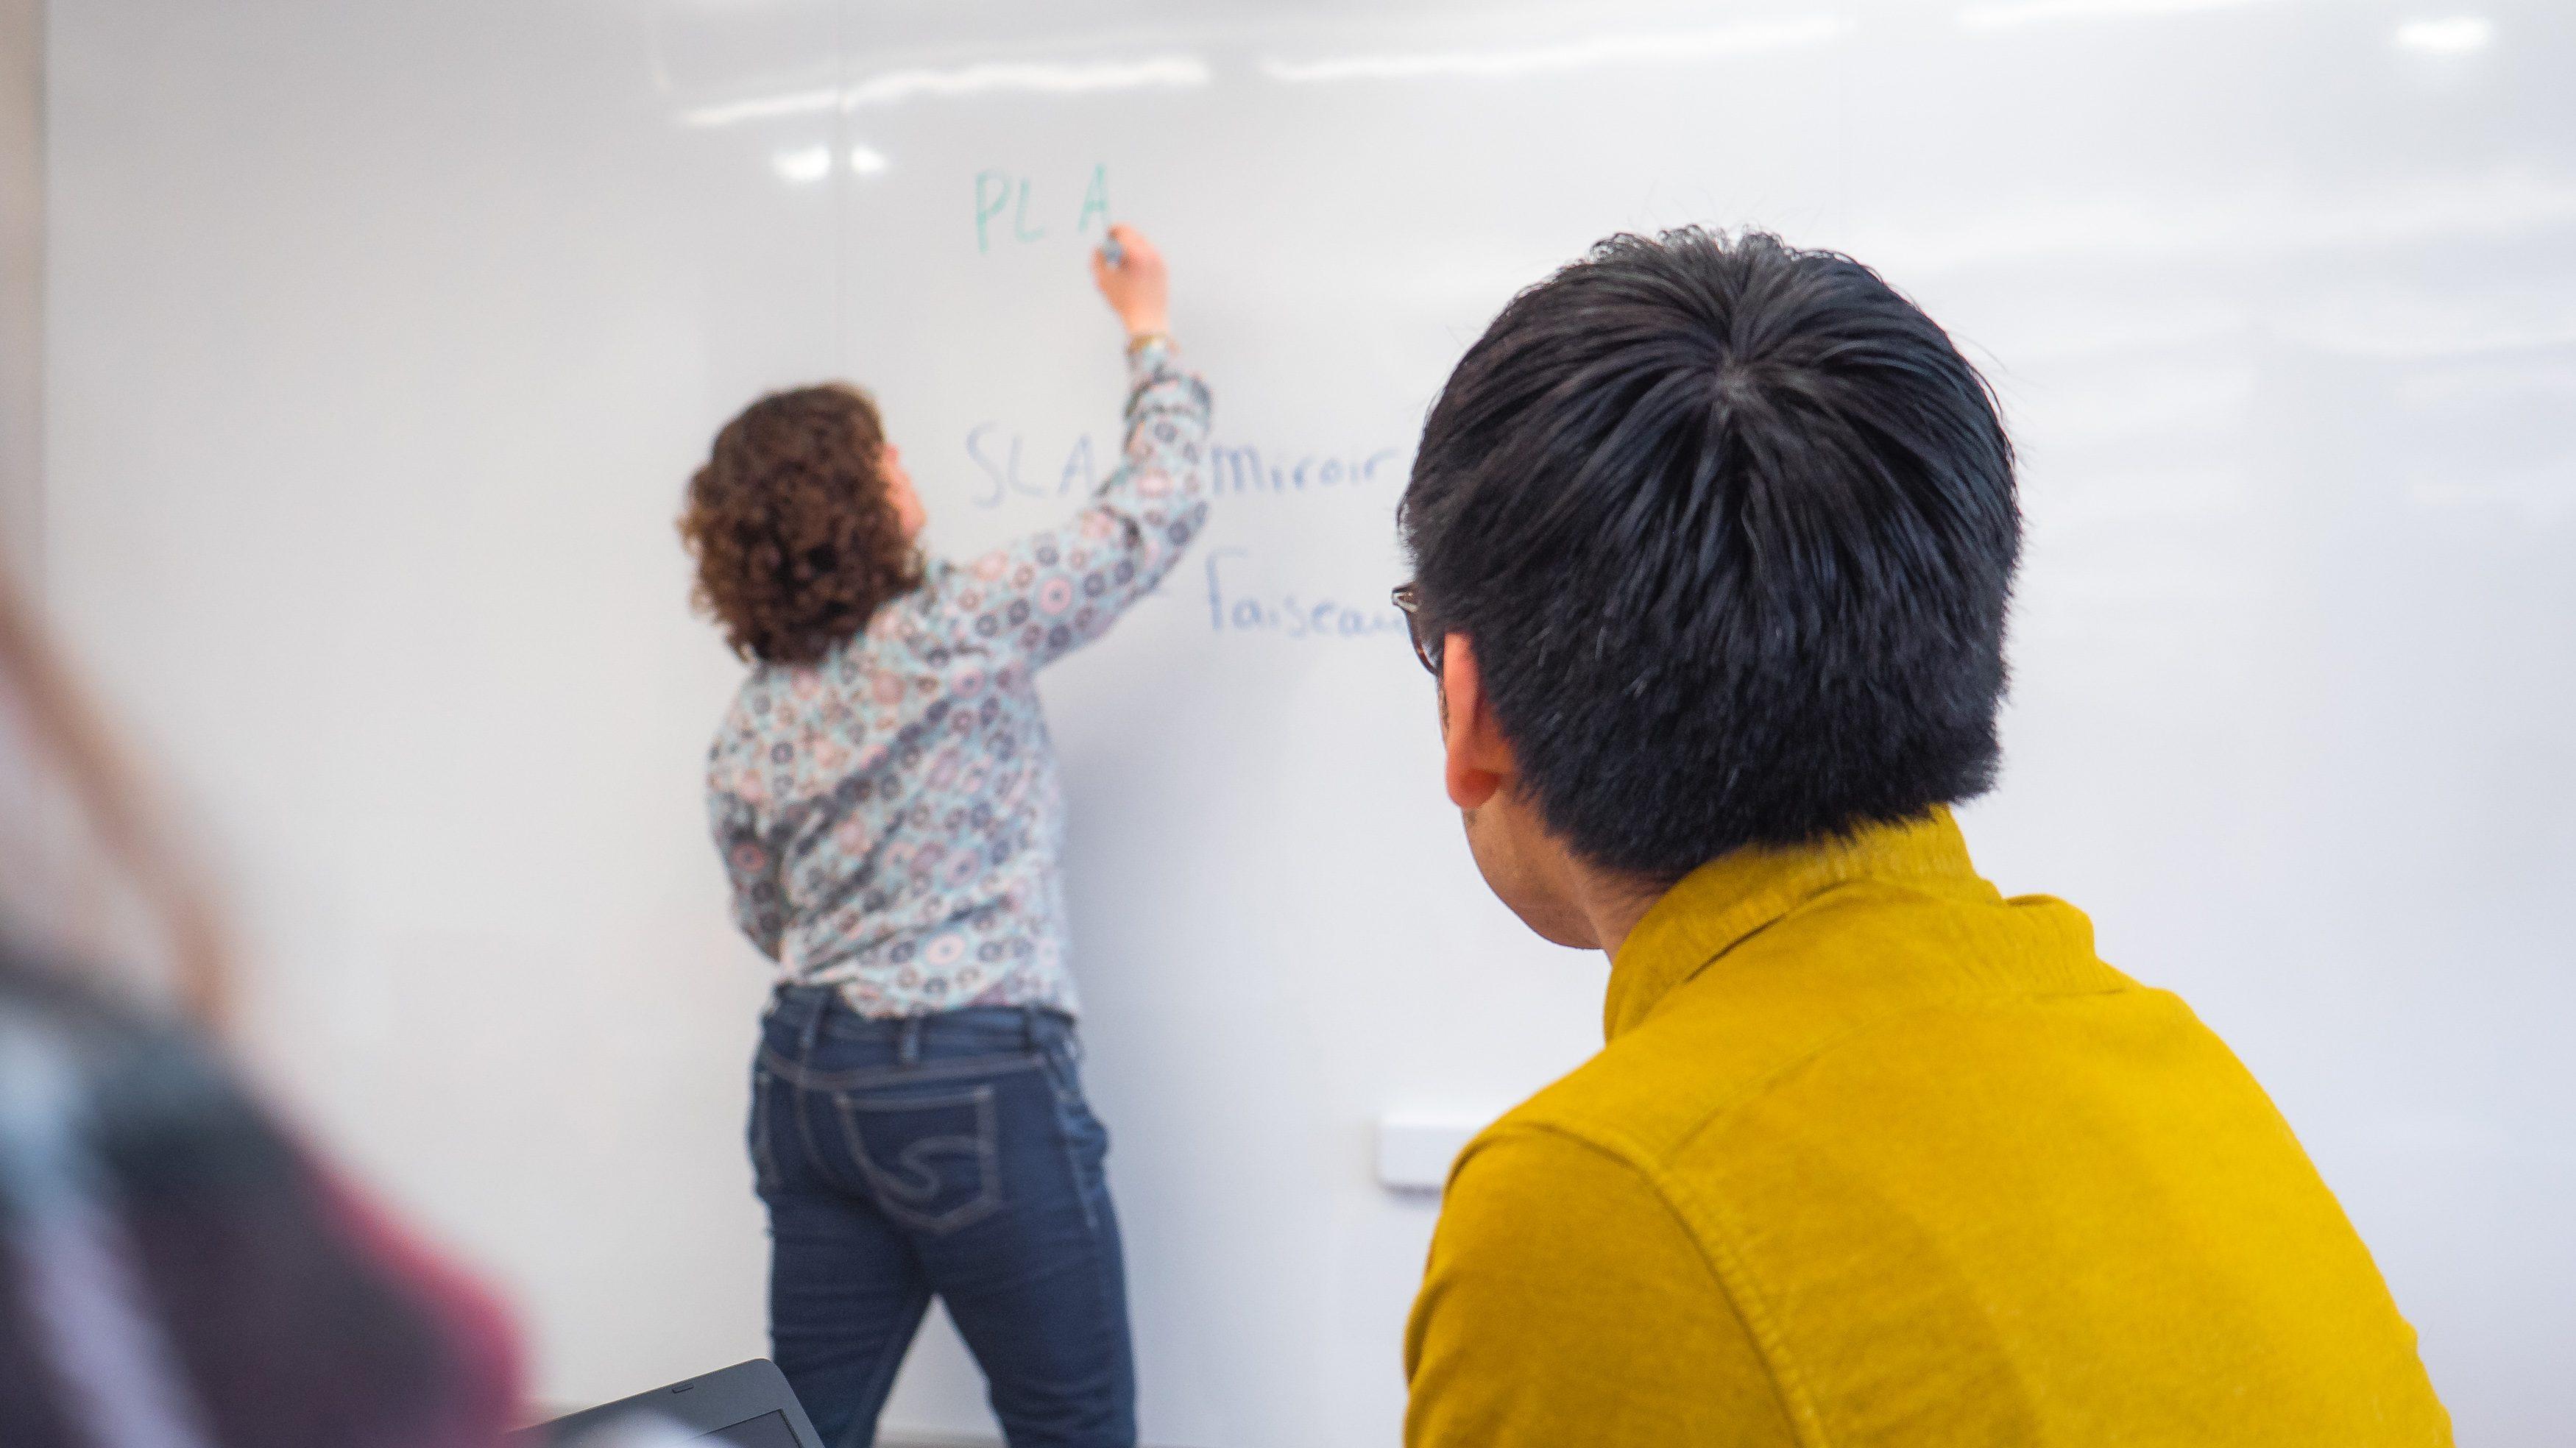 Inscrivez tous ce dont vous désirez exprimer. Plusieurs étudiants peuvent y travailler en même temps.